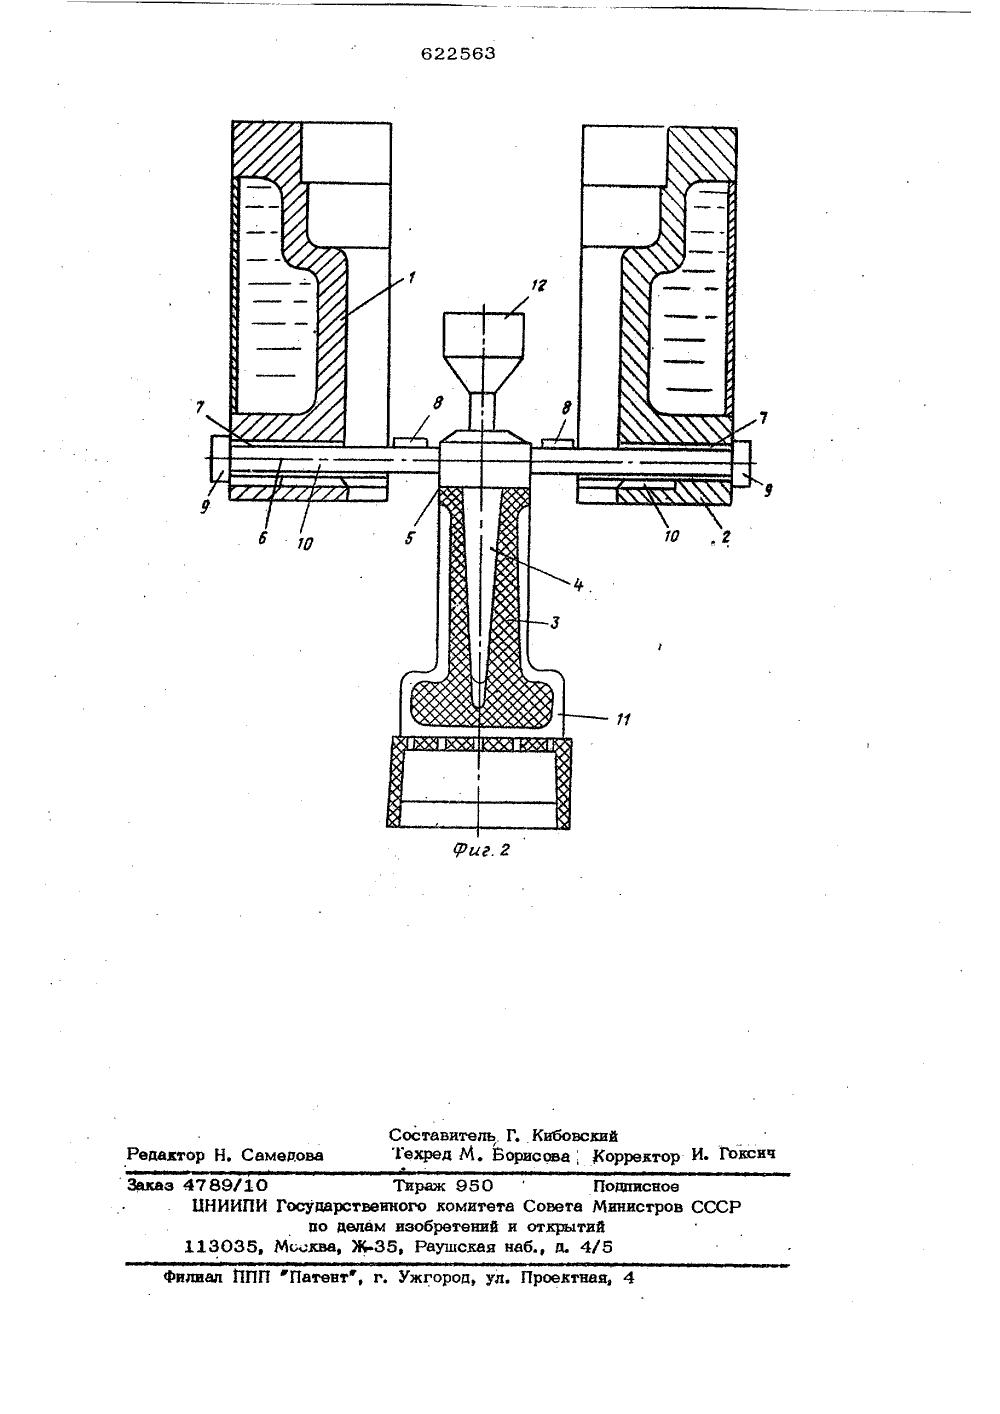 проектирование оснастки для литья в кокиль